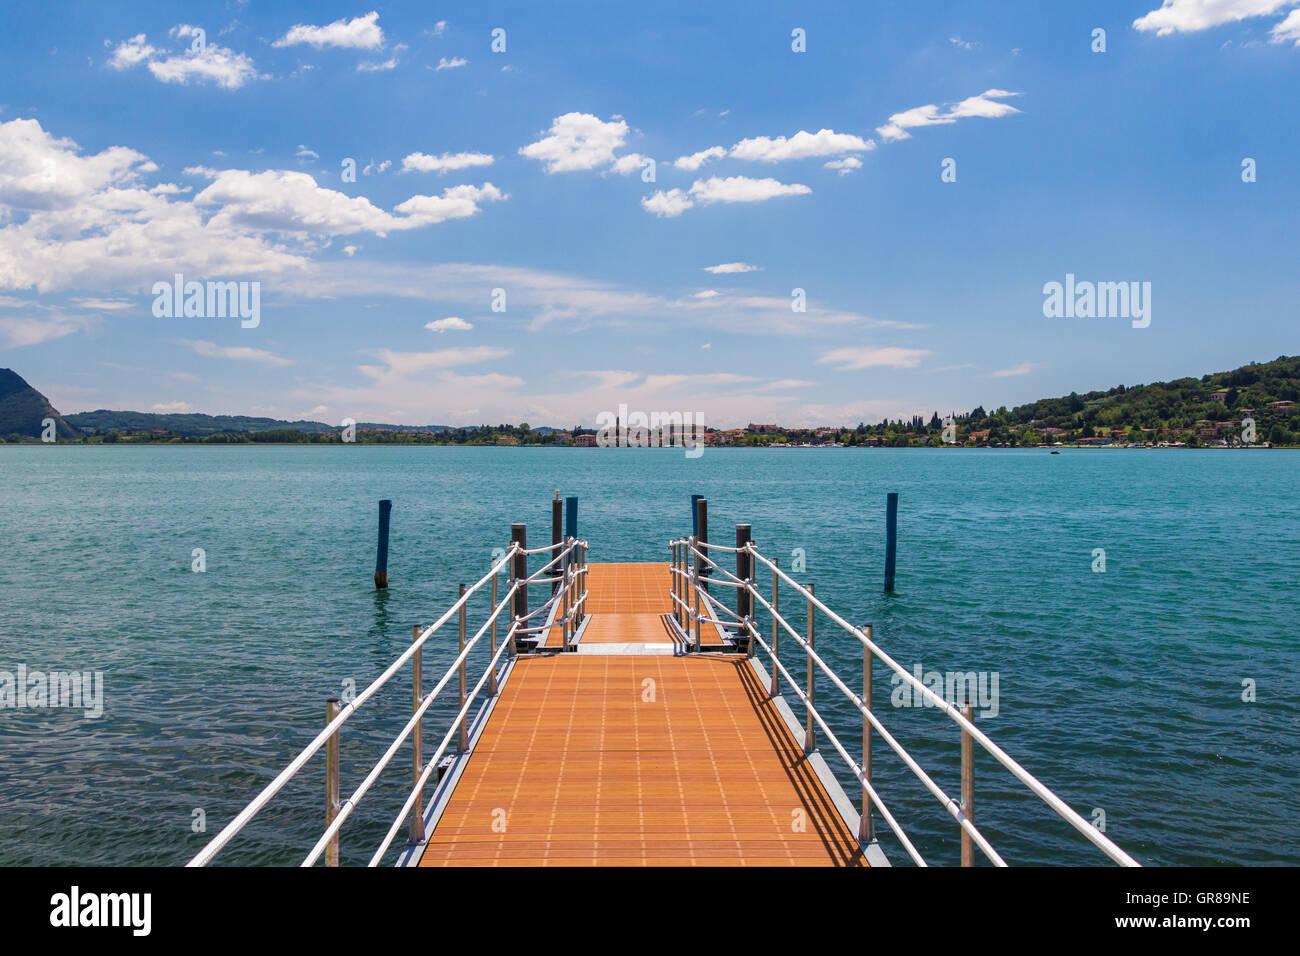 marina on the lake - Stock Image